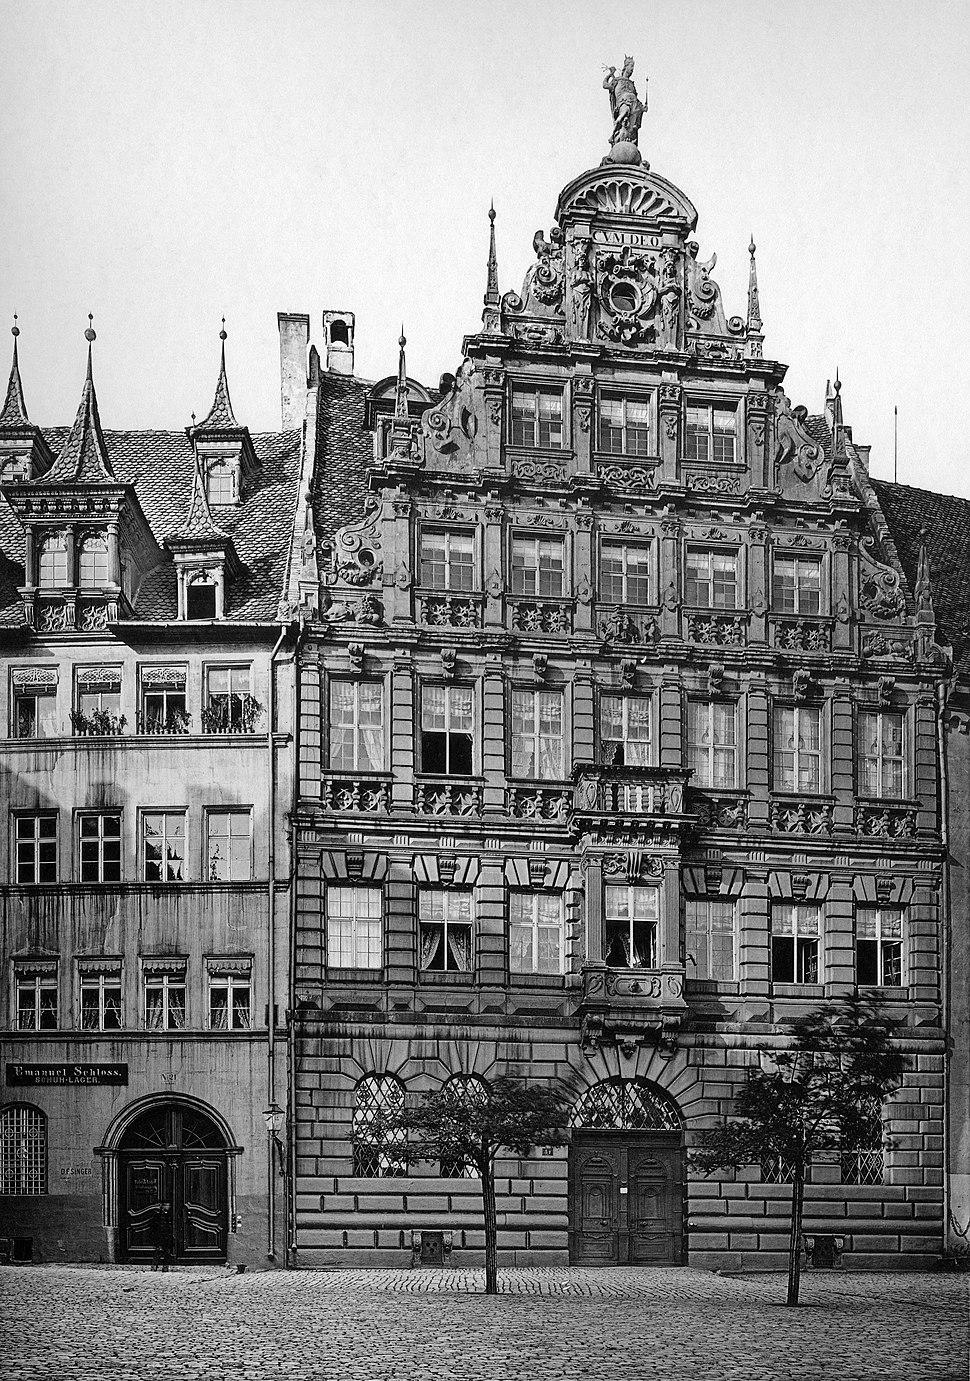 Karl Emil Otto Fritsch-Denkmaeler Deutscher Renaissance-1891-Nuernberg-Pellerhaus zu Nuernberg Aegidienplatz 1605 Facade